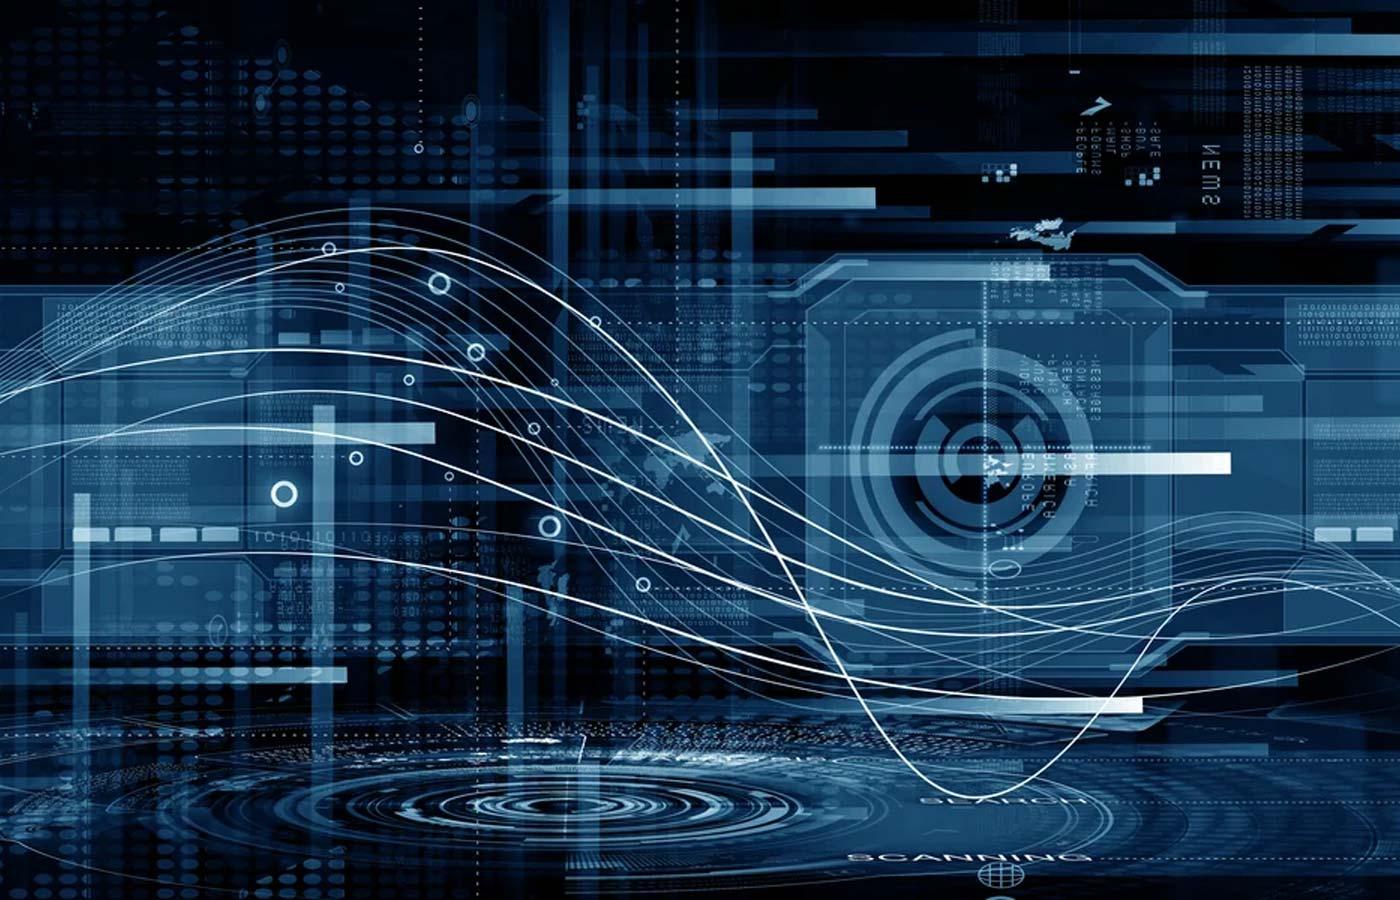 Maticmind come Partner Digitale per guidare la tua azienda verso la digital transformation